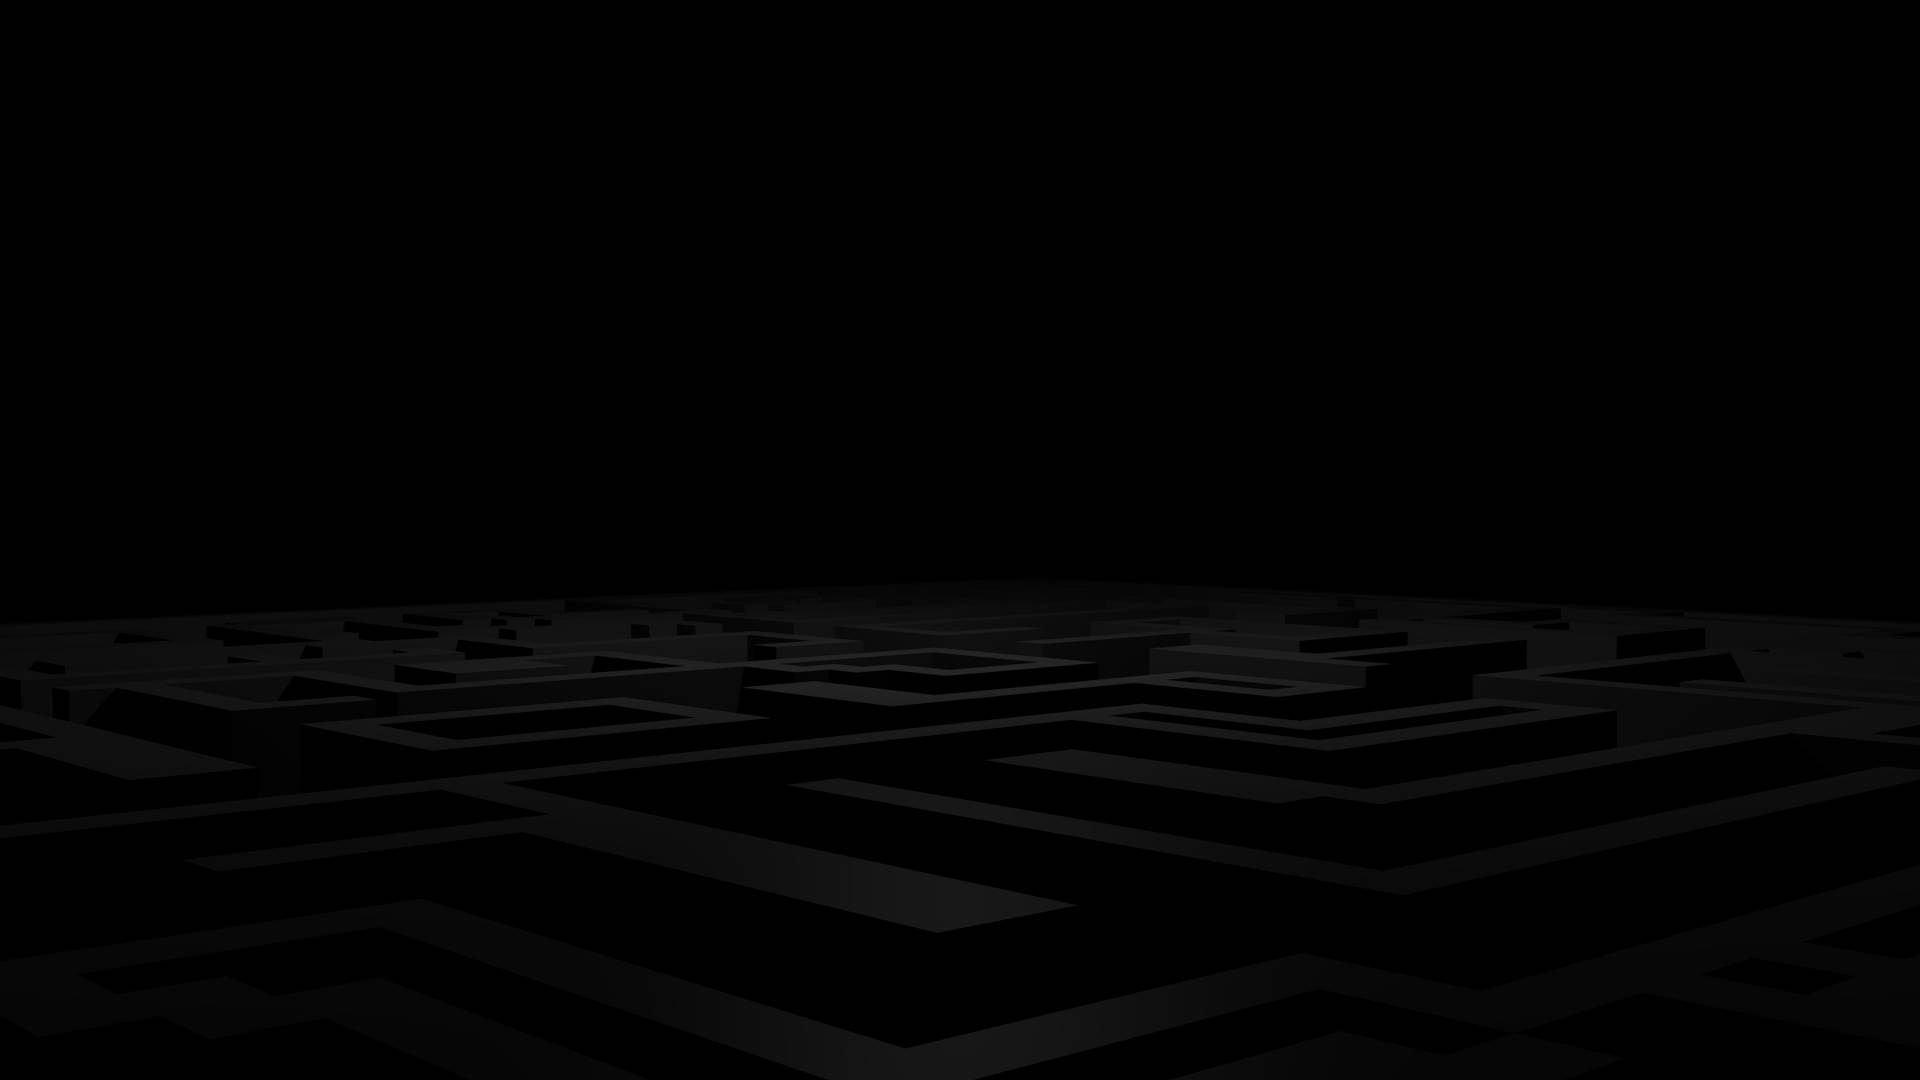 Labyrinth Wallpaper HD